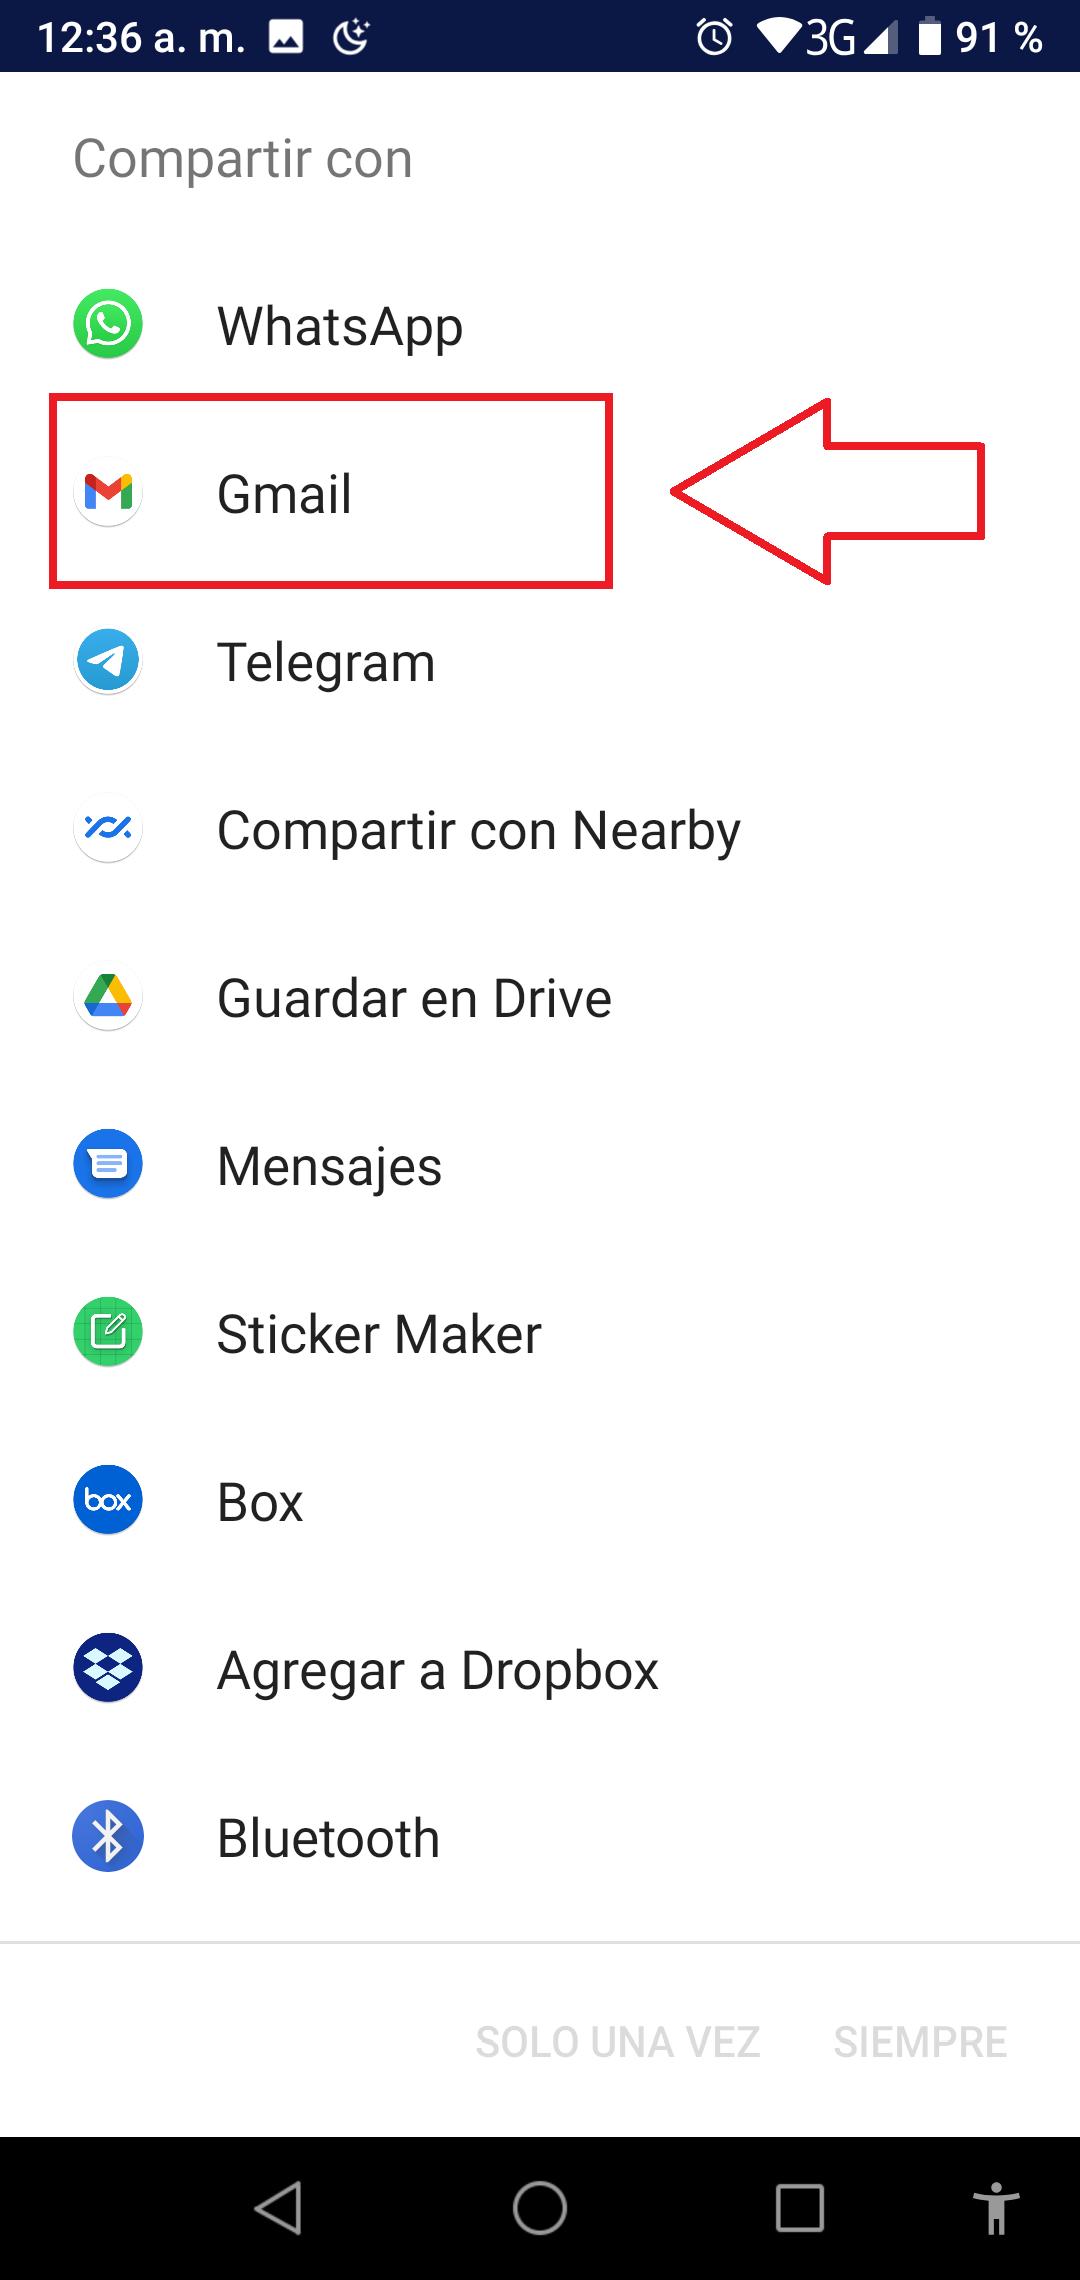 Compartir con Gmail